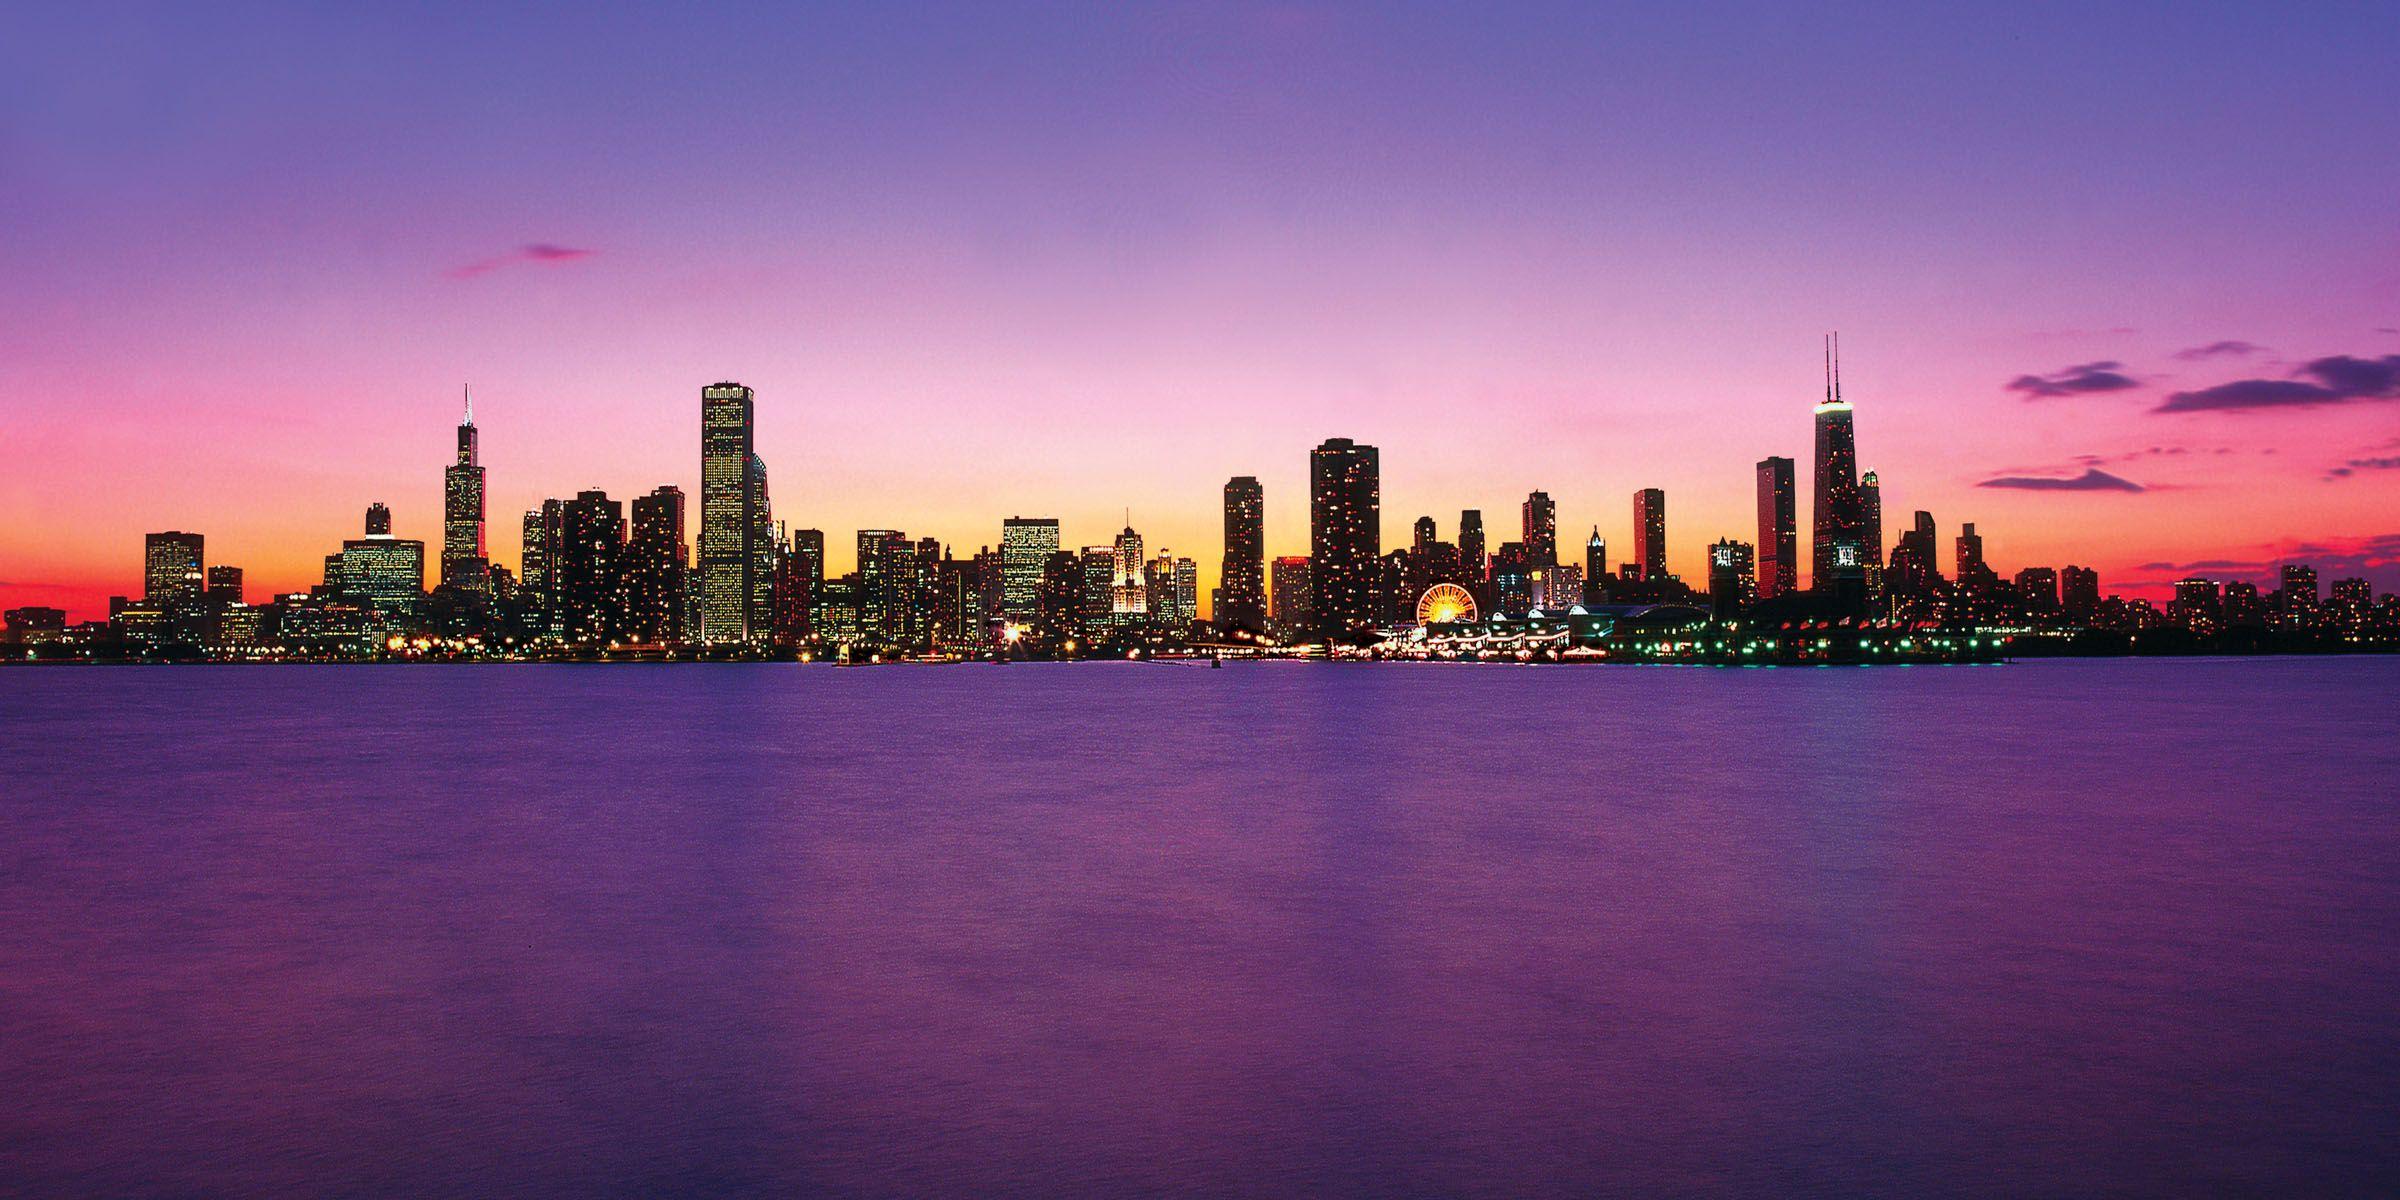 Chicago Skyline Wallpaper Chicago Skyline Purple photos